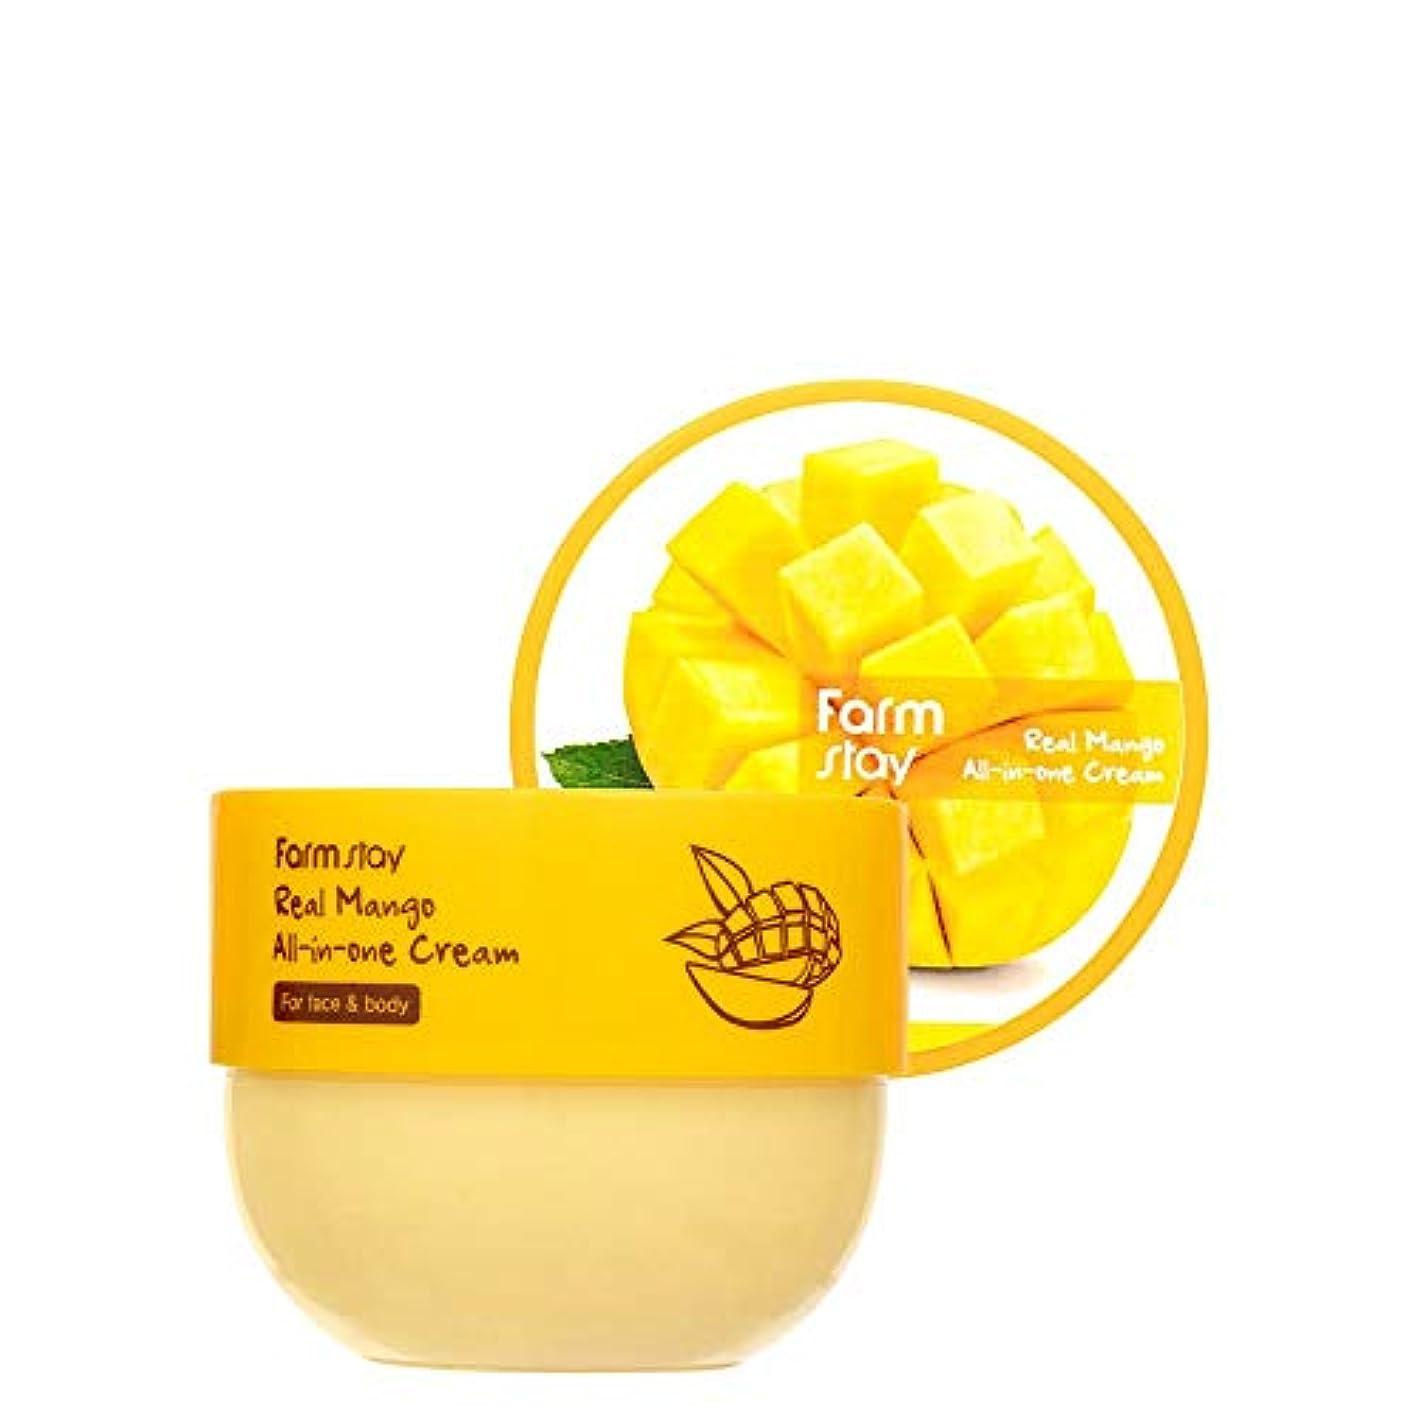 鉄道駅カヌー矛盾ファームステイ[Farm Stay] リアルマンゴーオールインワンクリーム 300ml / Real Mango All-in-One Cream